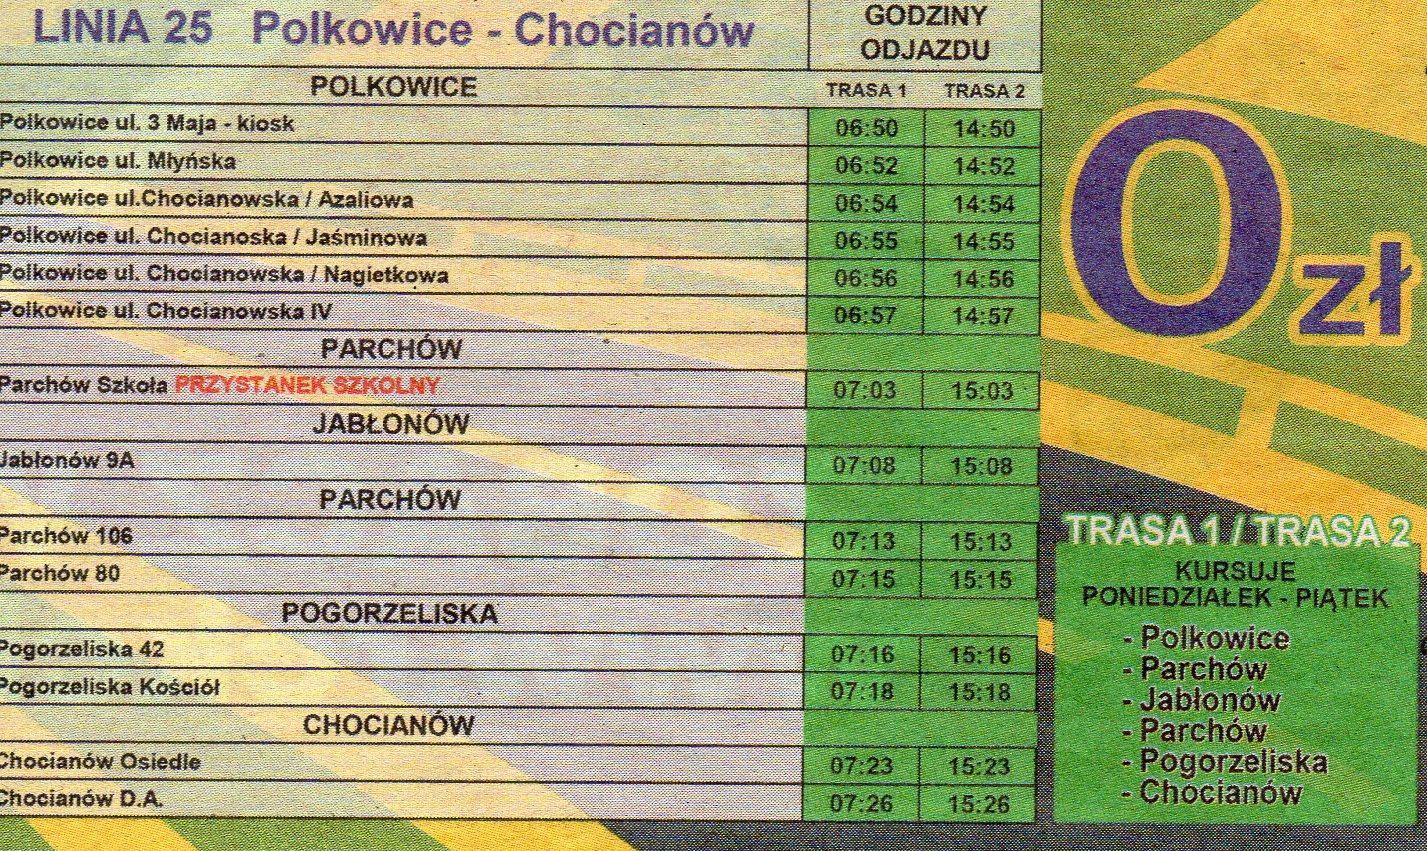 25 polkowice chocianow